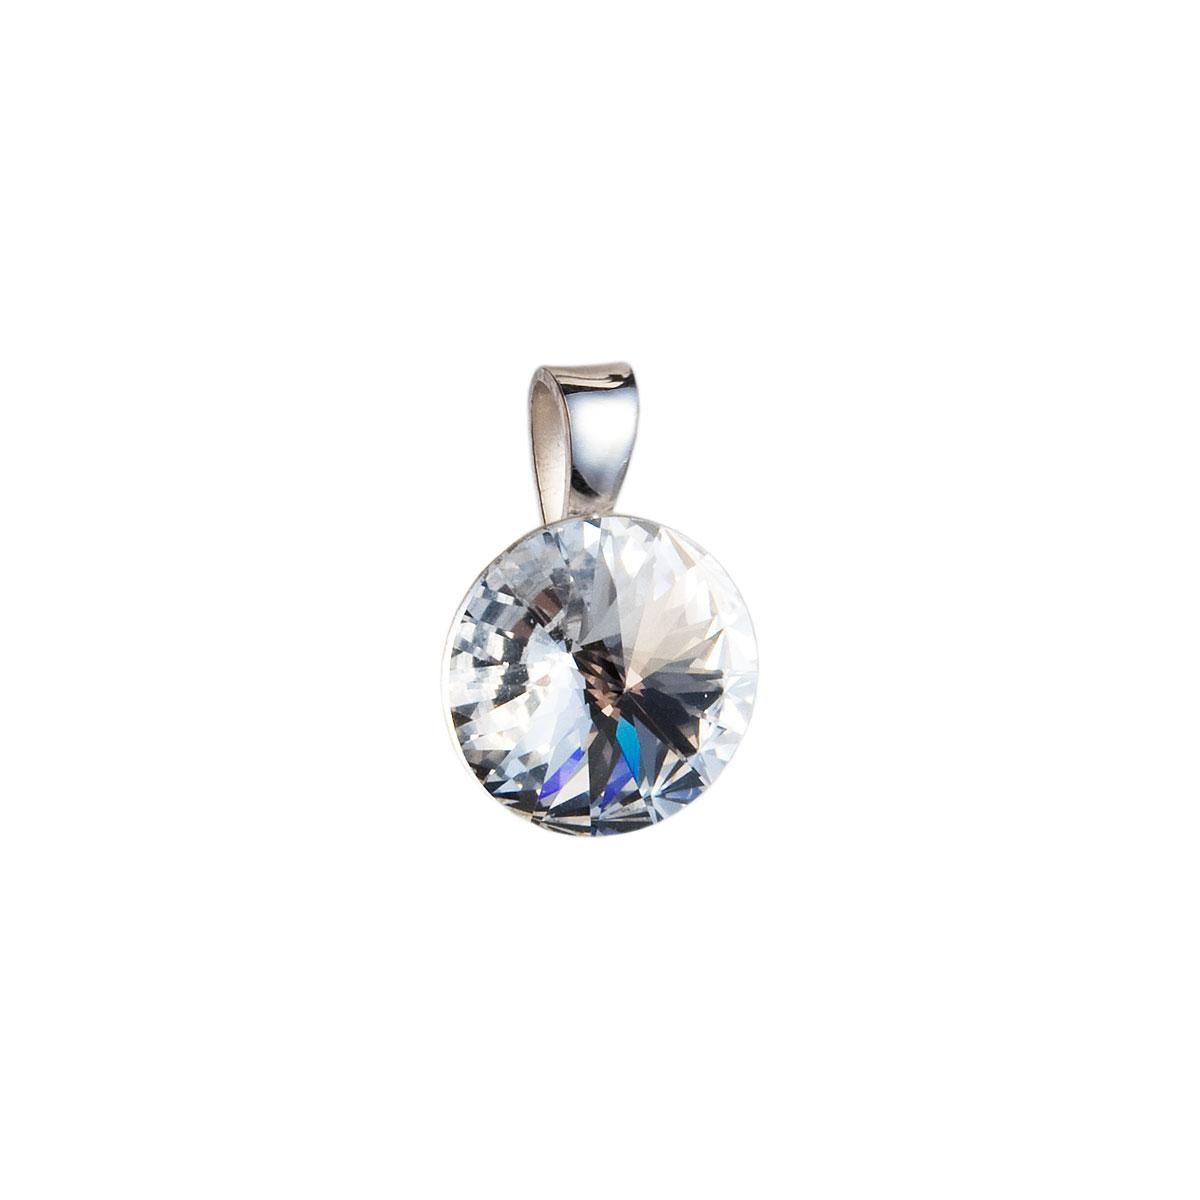 Evolution Group Stříbrný přívěsek s krystaly Swarovski bílý kulatý-rivoli 34112.1